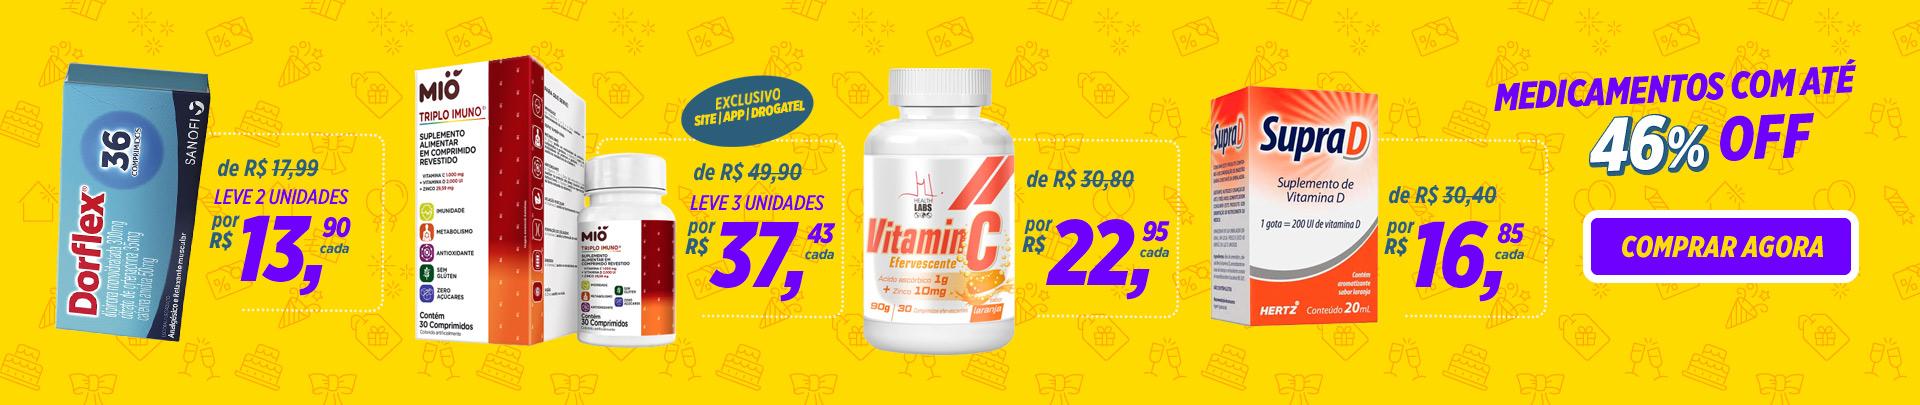 Medicamentos4_Tab353